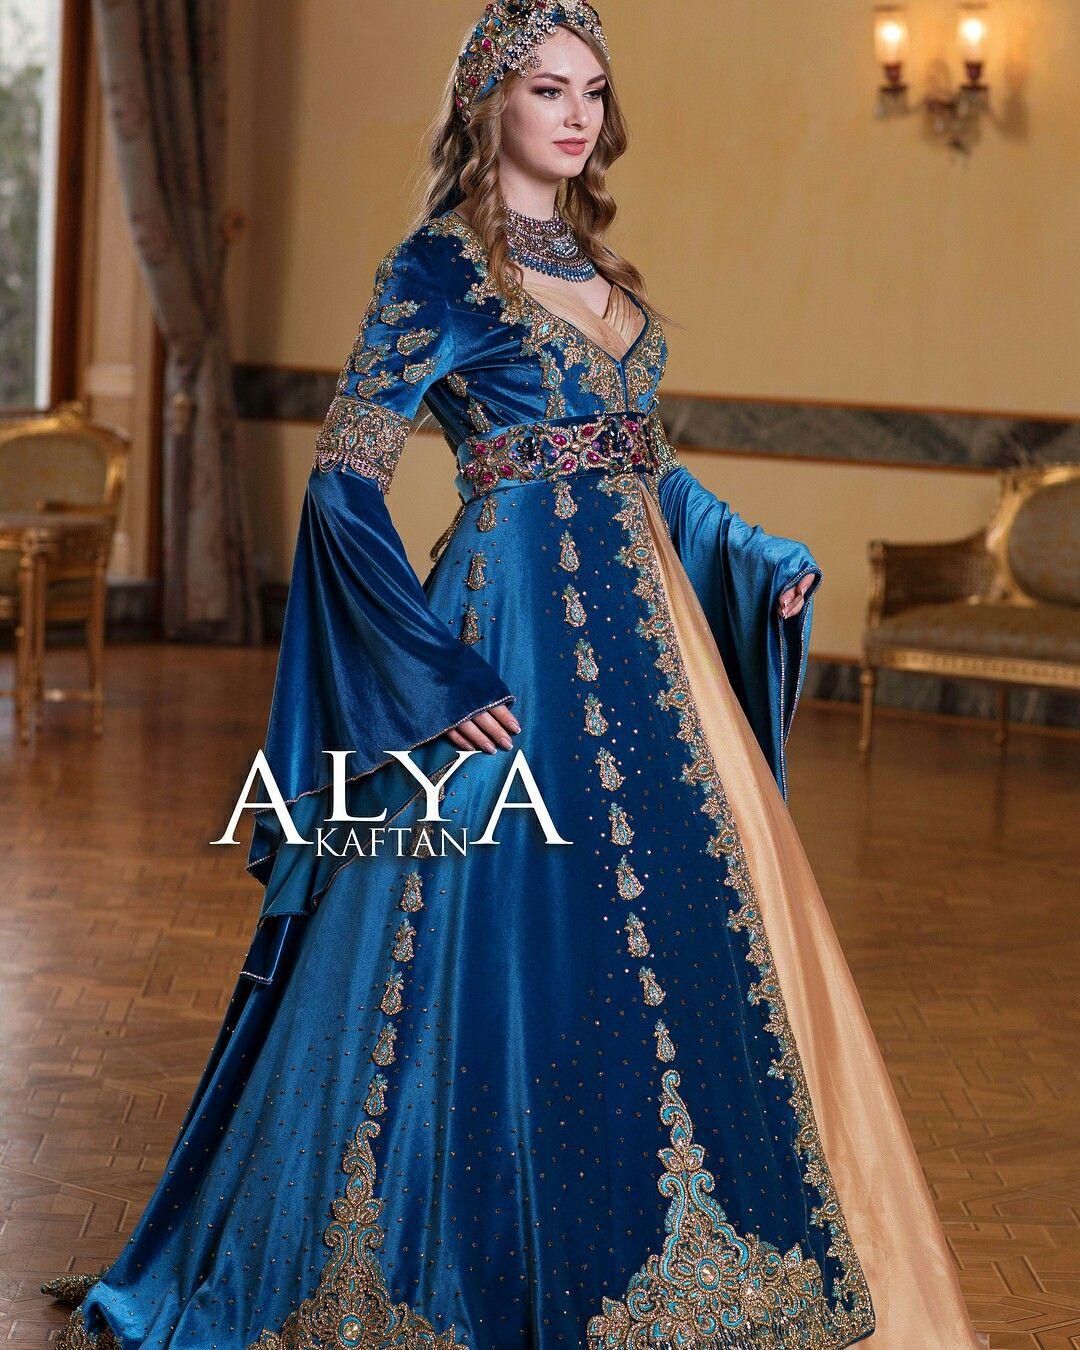 Pin By Betul Bakac On En Guzel Kaftan Modelleri Fantasy Gowns Gowns Moroccan Fashion